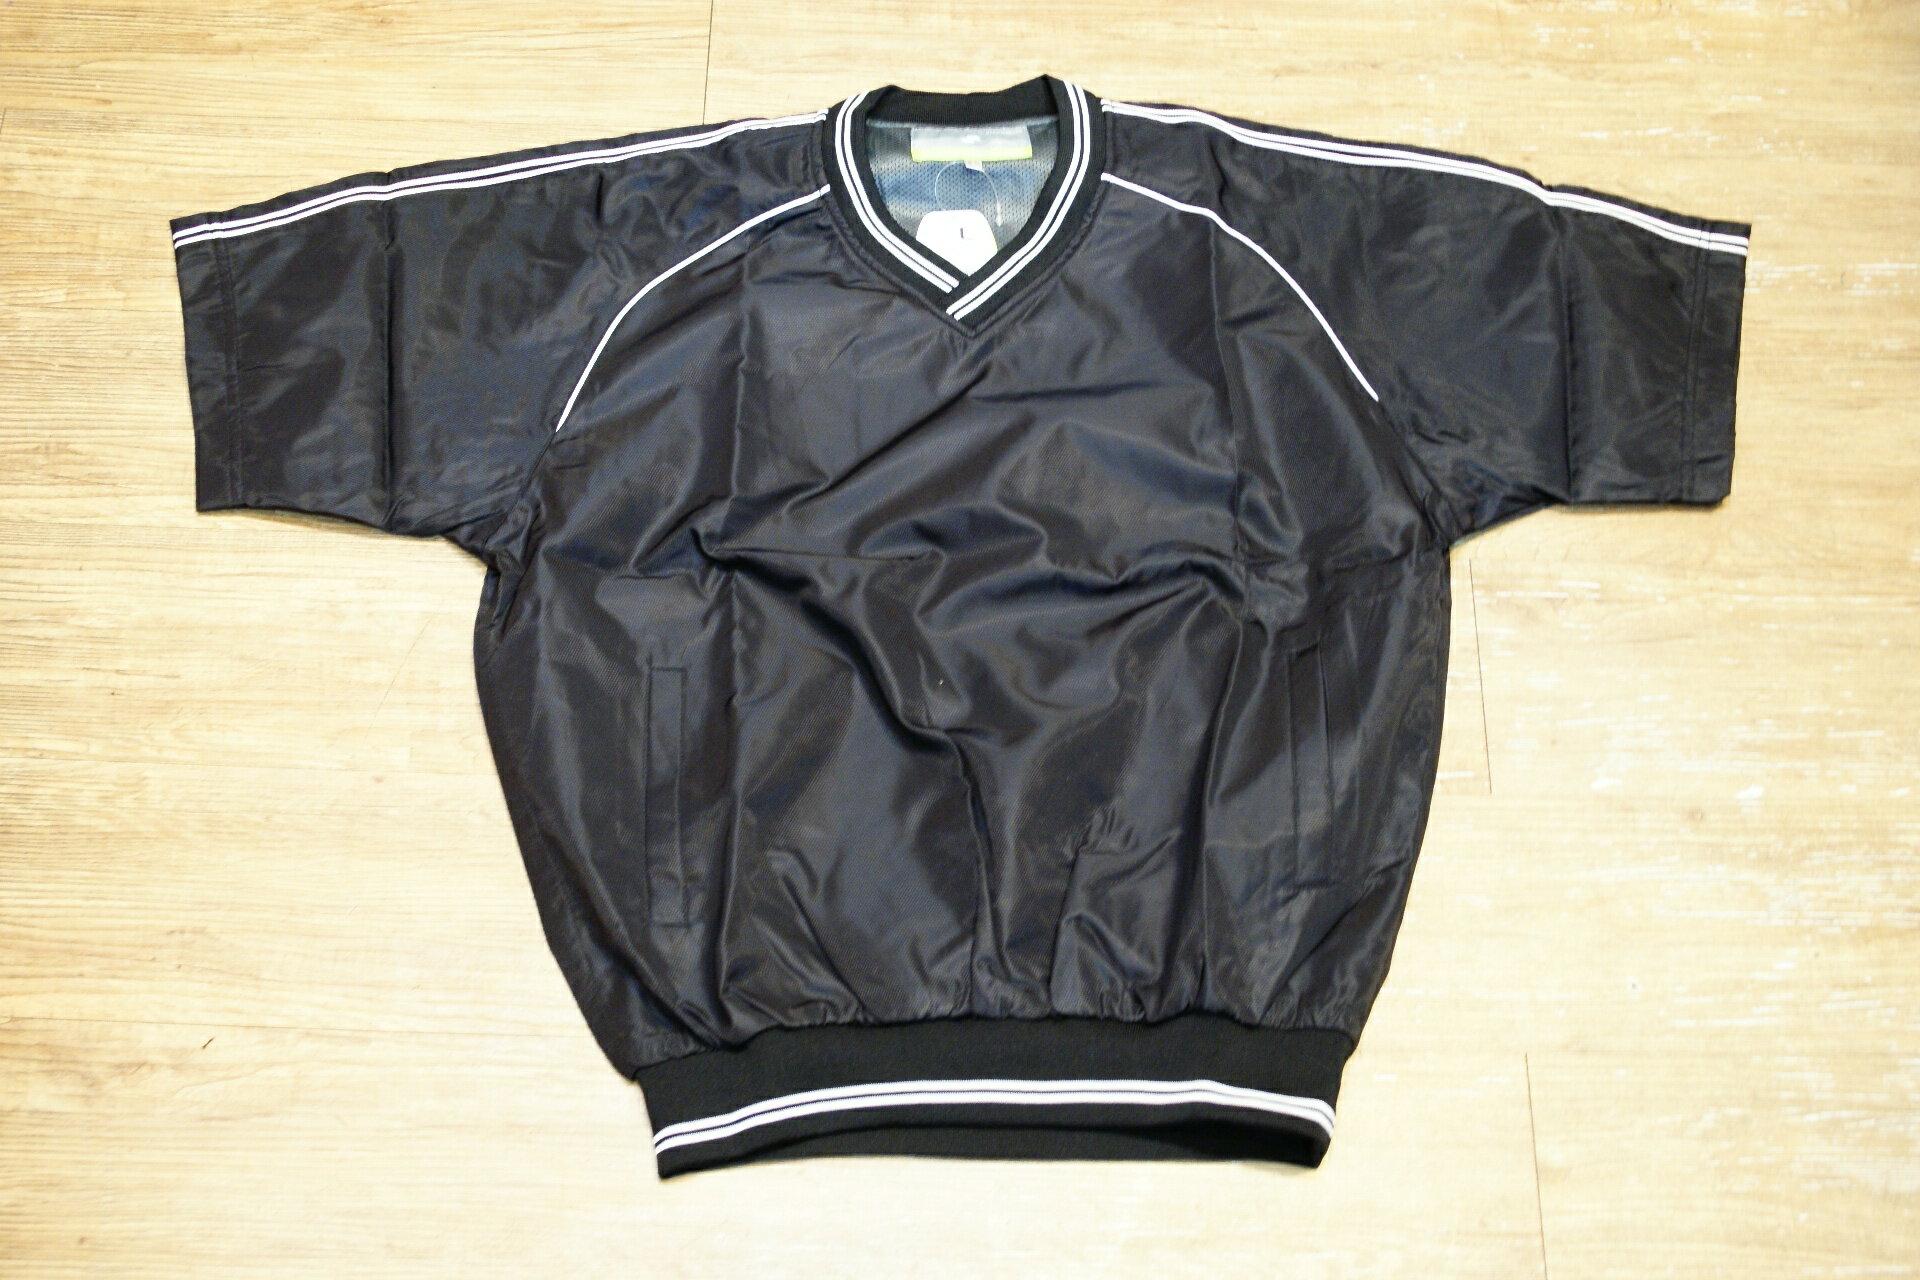 棒球世界全新SSK日本進口高質感短袖風衣 黑色特價